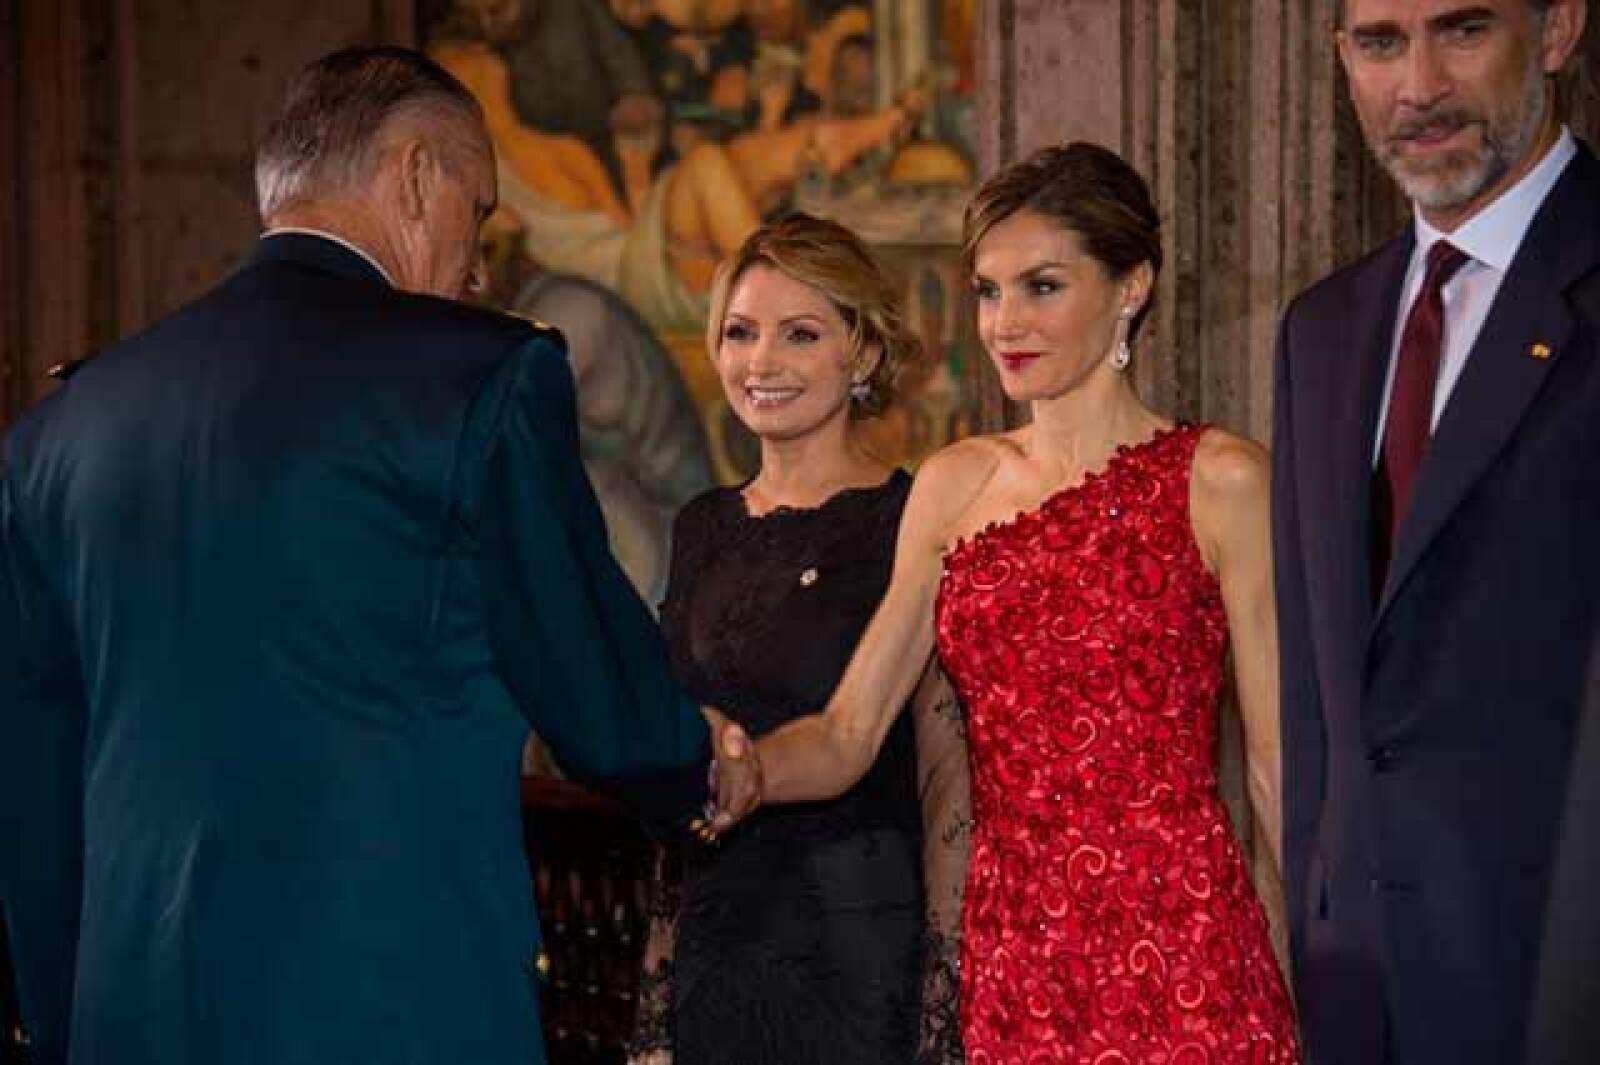 El presidente Peña Nieto afirmó que la corona española fue clave en la transición democrática, en su apertura al mundo y en la construcción de la identidad iberoamericana.